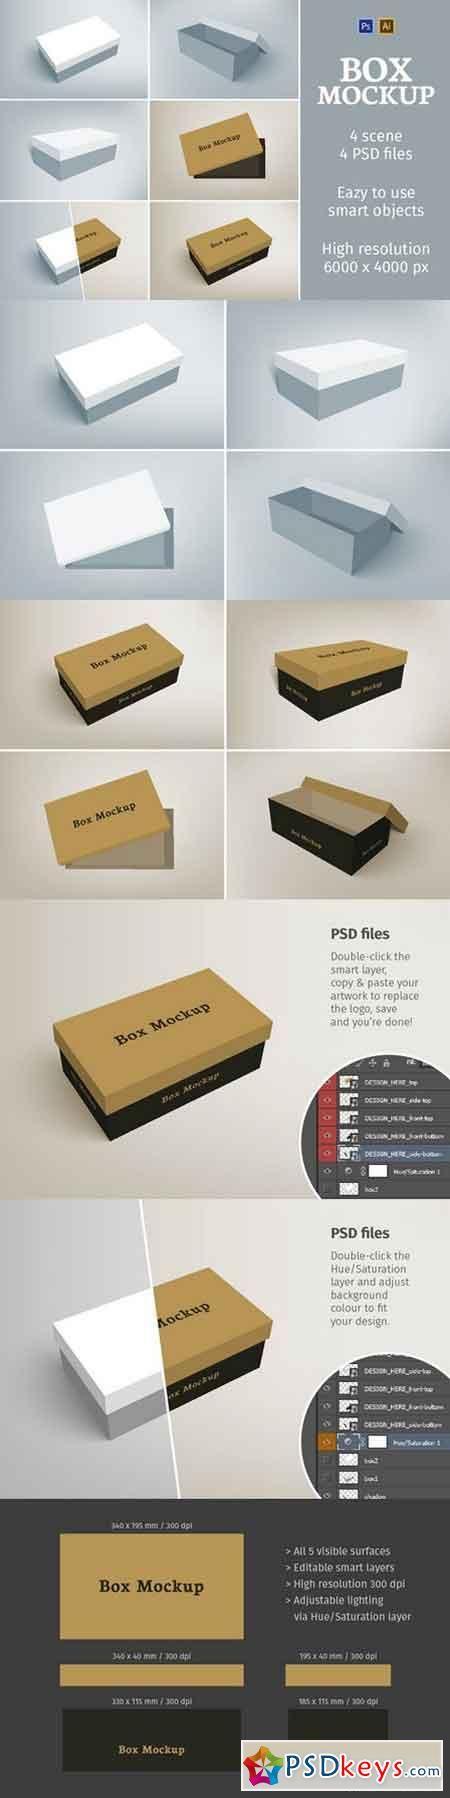 Download Shoes Packaging Box Mockup 658570 Box Mockup Box Packaging Mockup